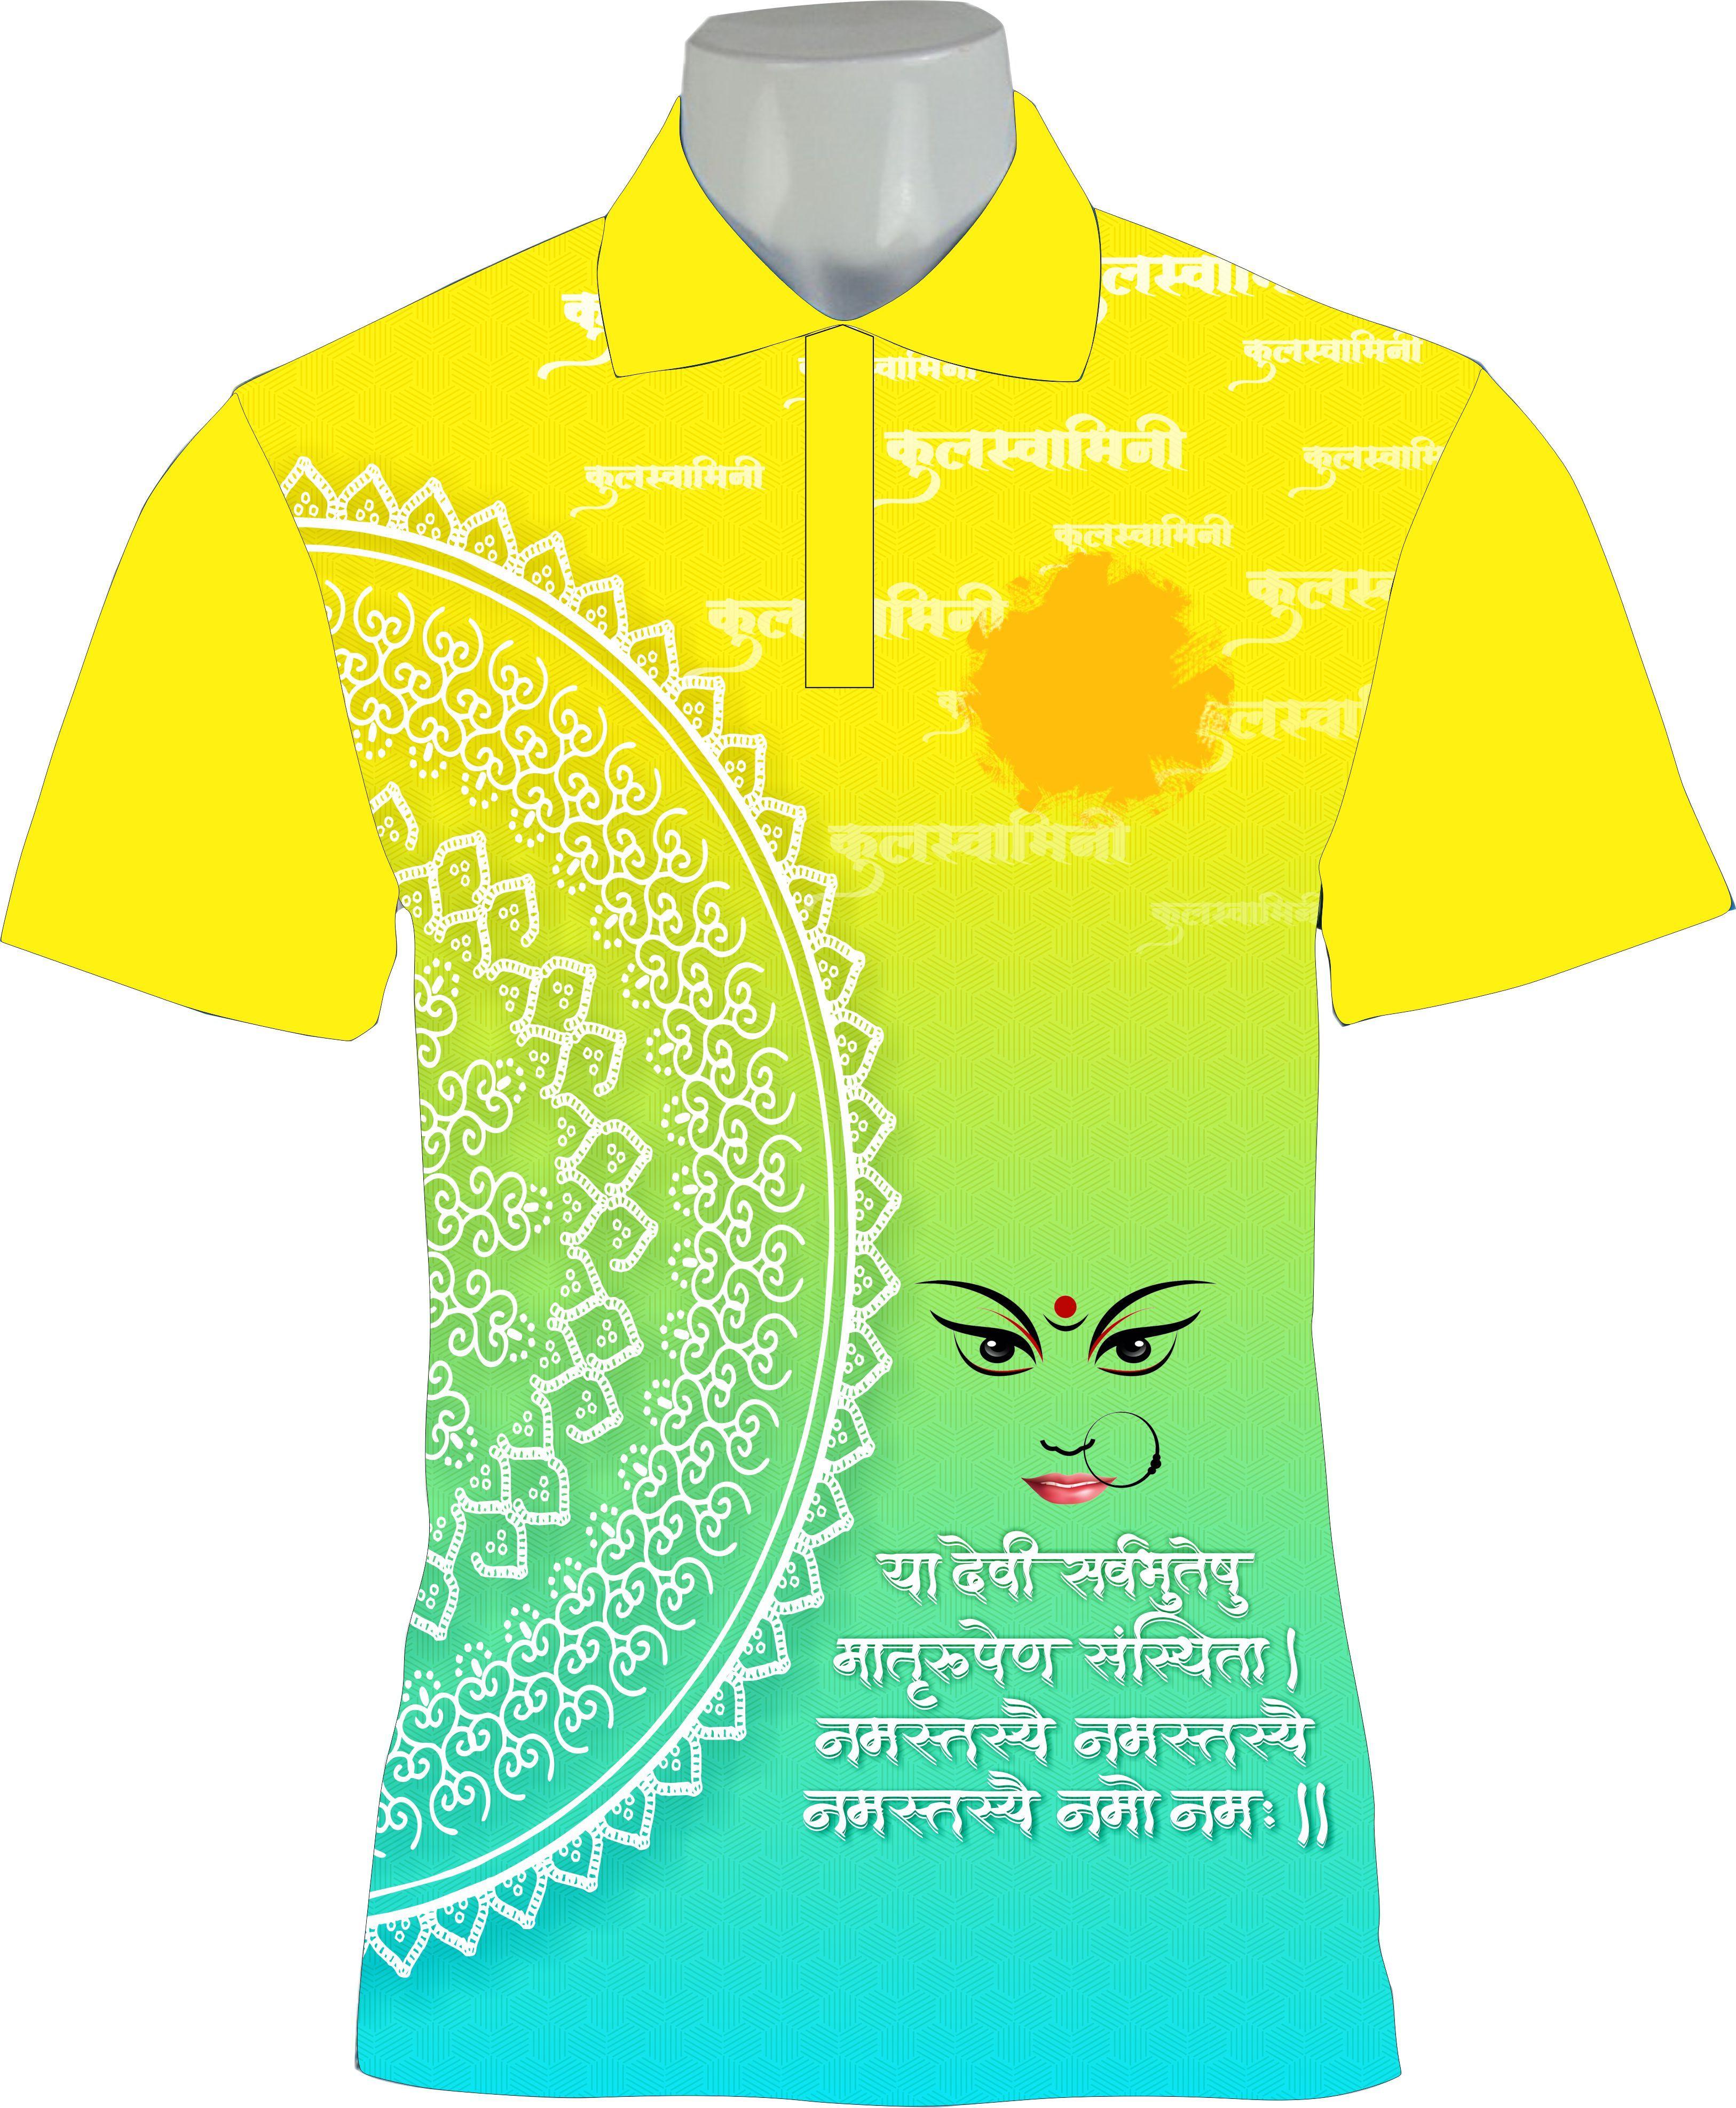 a8059c3a Customized T Shirts Mumbai   Top Mode Depot